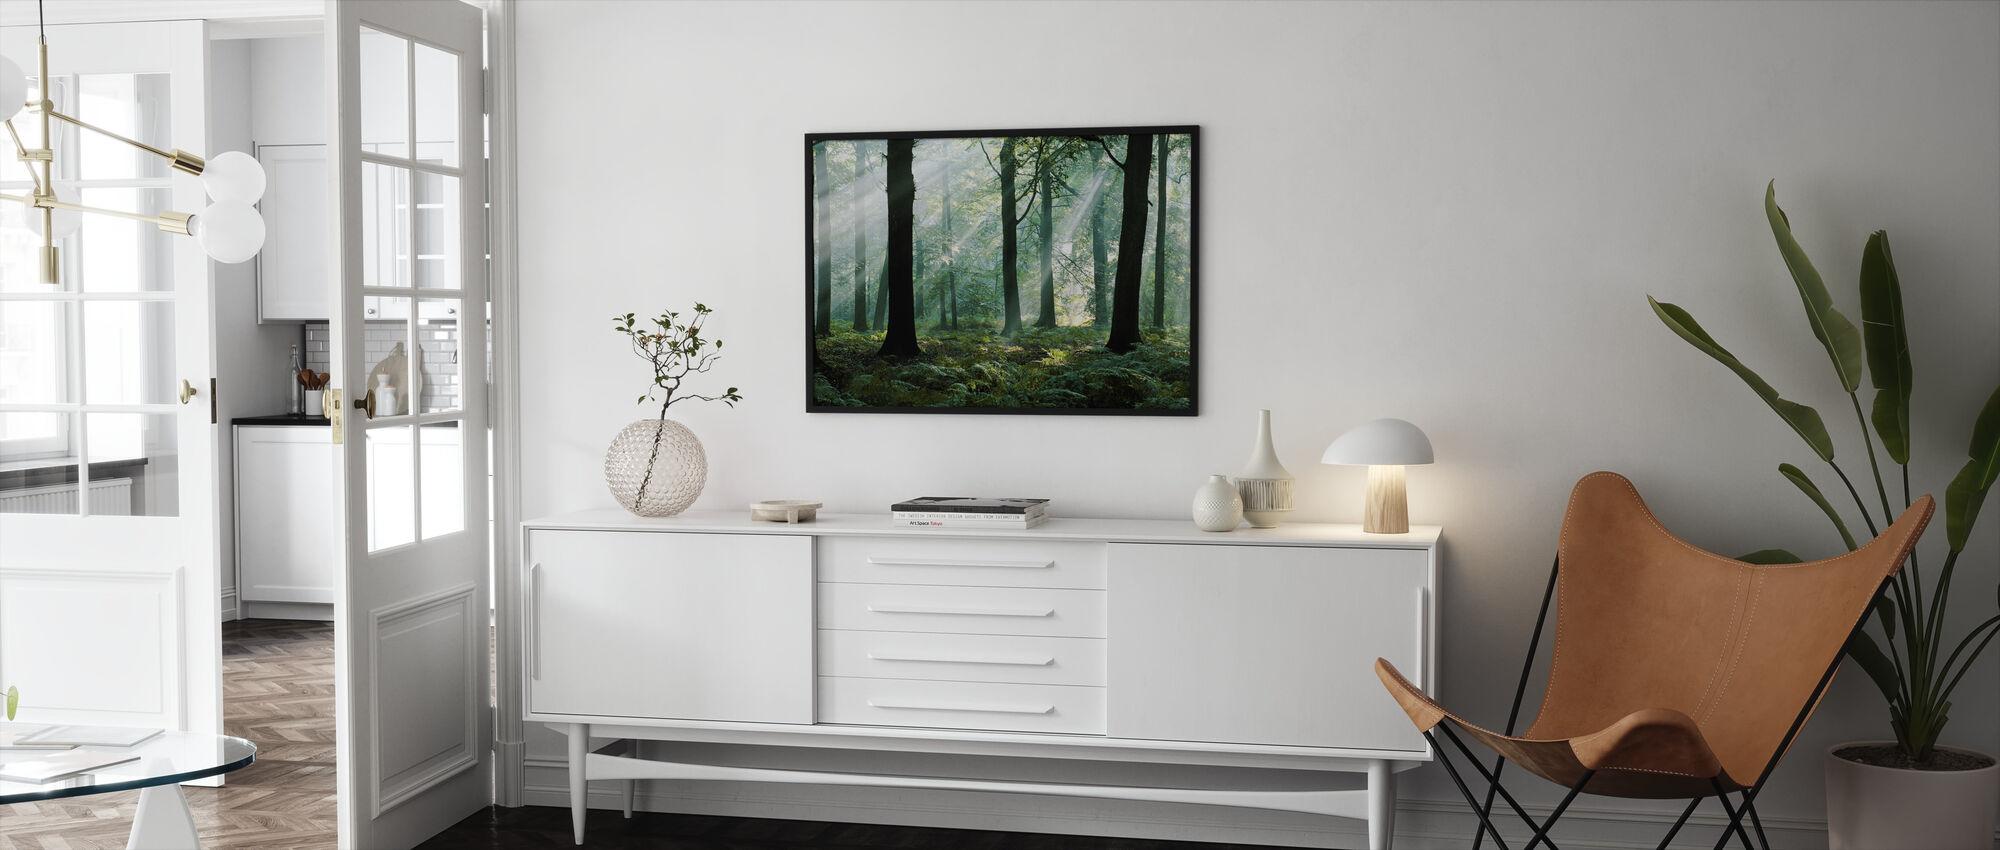 August Morning - Framed print - Living Room